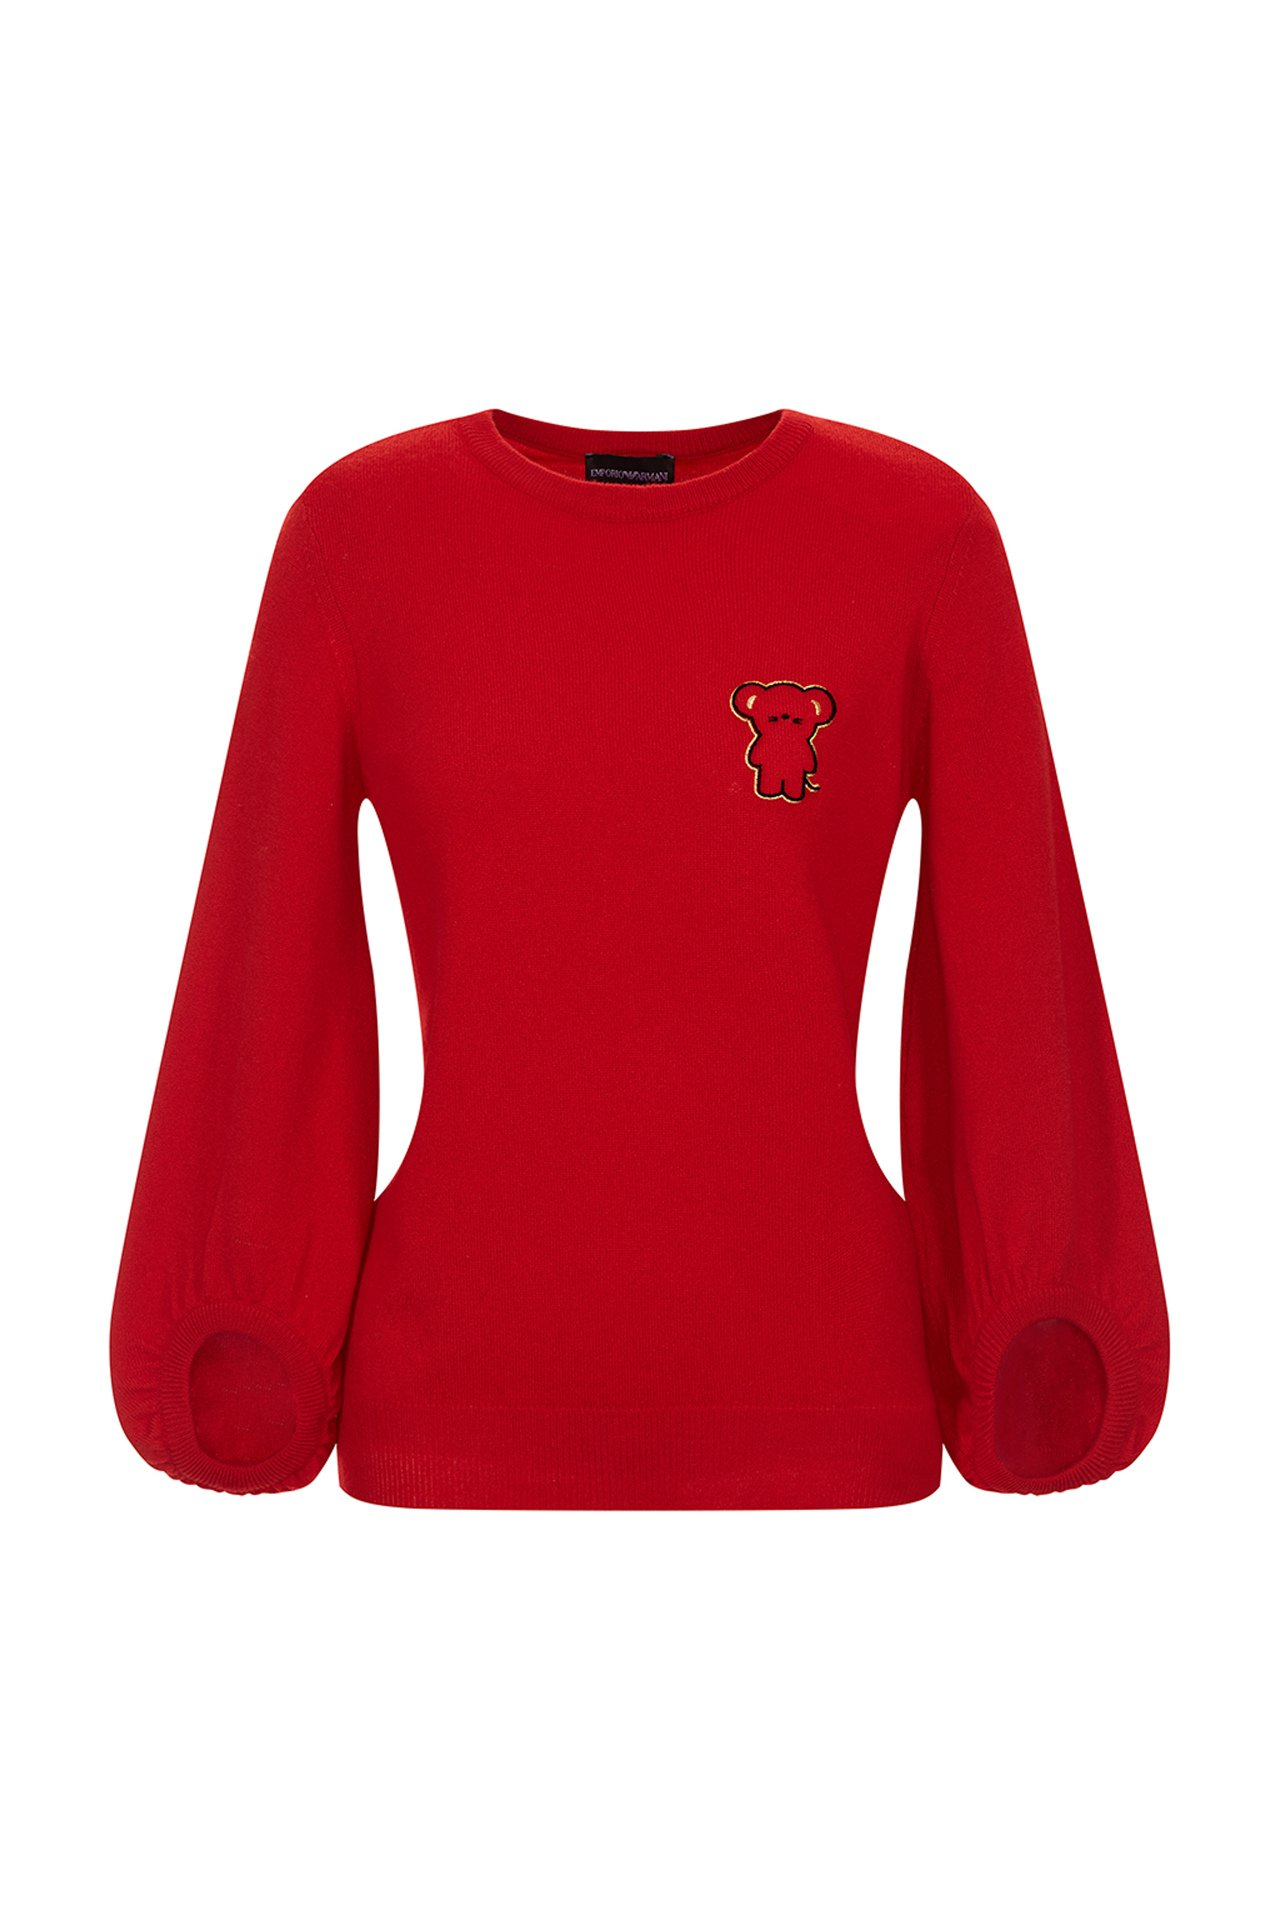 Emporio Armani新年系列紅色鐘型袖針織衫。圖/嘉裕提供